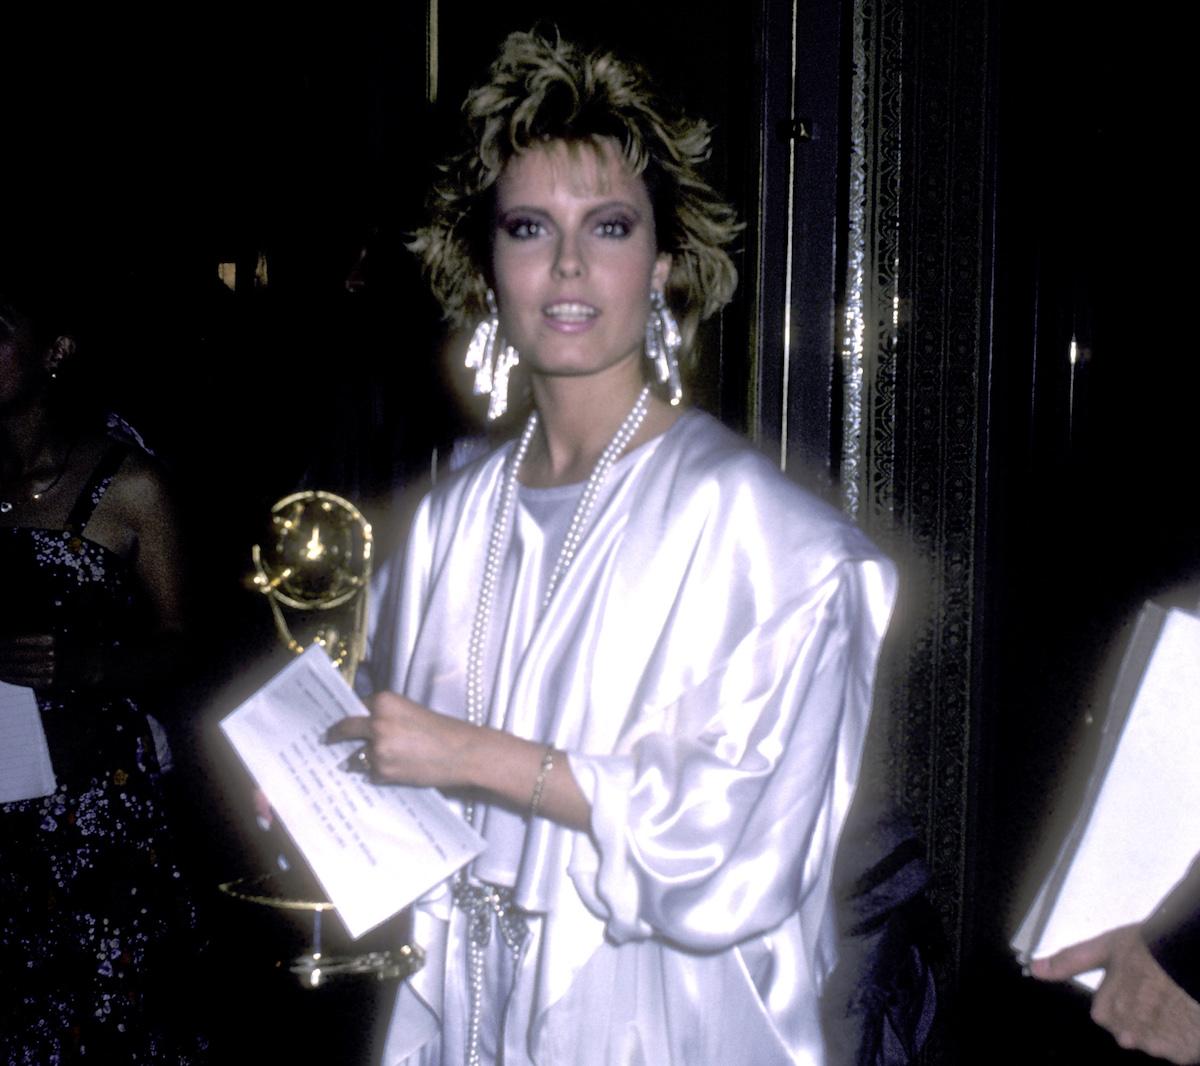 Tracey E. Bregman 1985 Daytime Emmy Award win